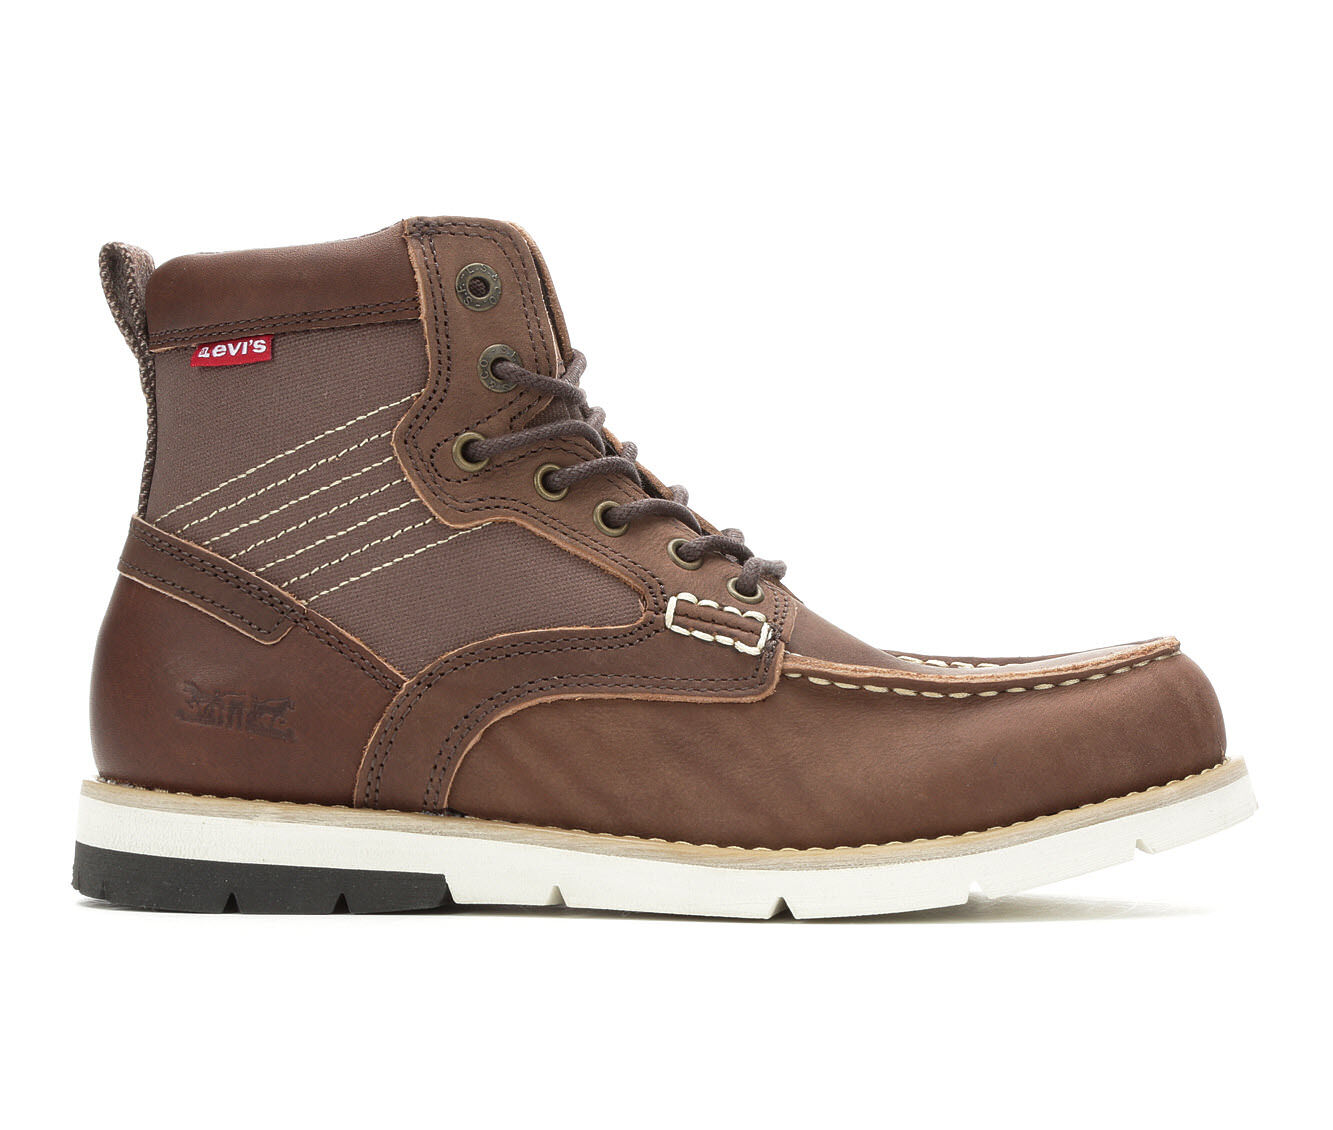 good price Men's Levis Dawson Lux Boots Brown